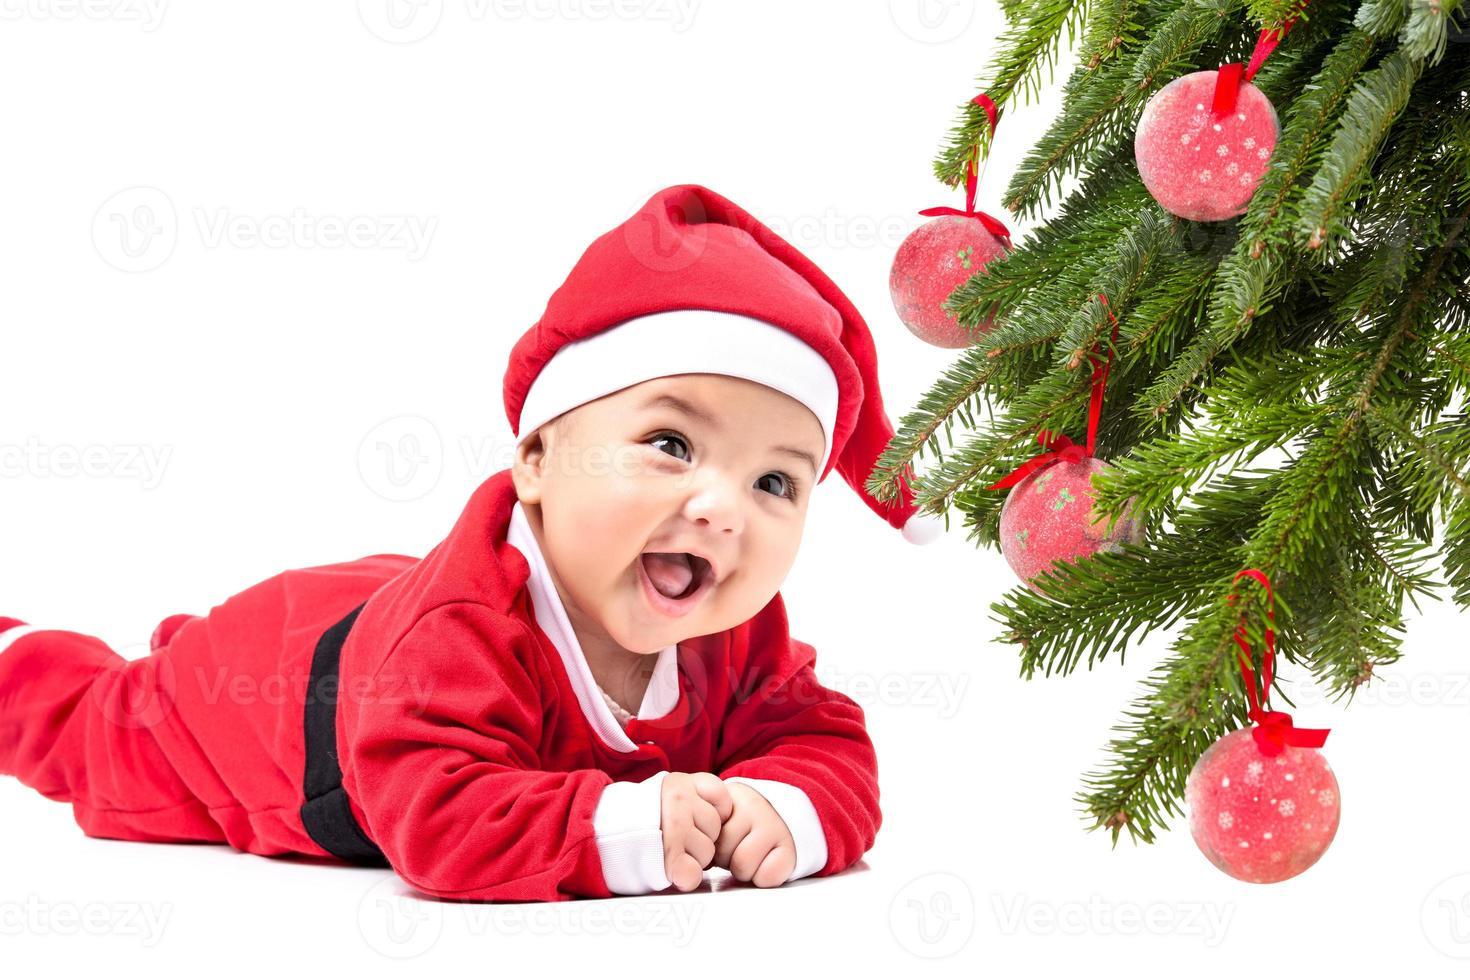 petite fille en vêtements de Noël rouges. photo